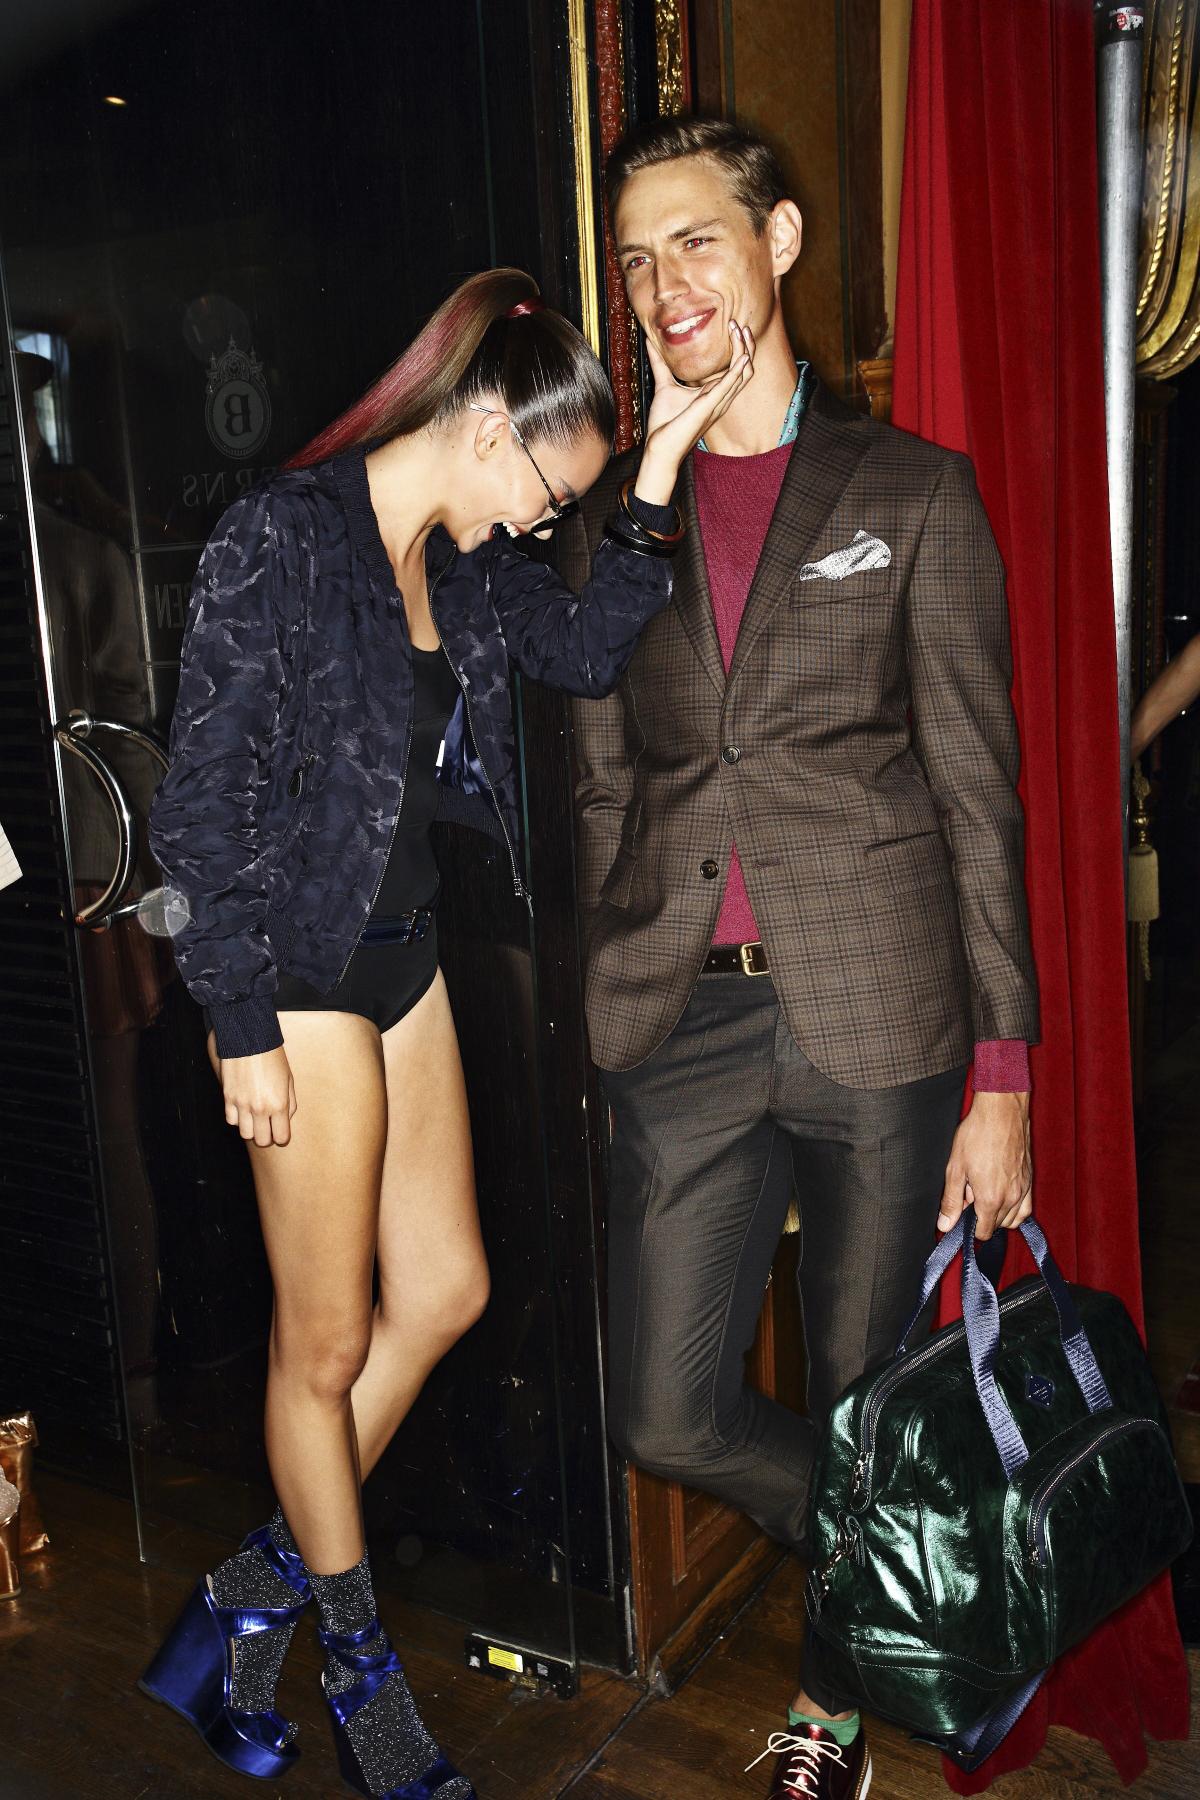 J.Lindeberg SS14 Fashion Show Backstage @ Berns Hotel Stockholm